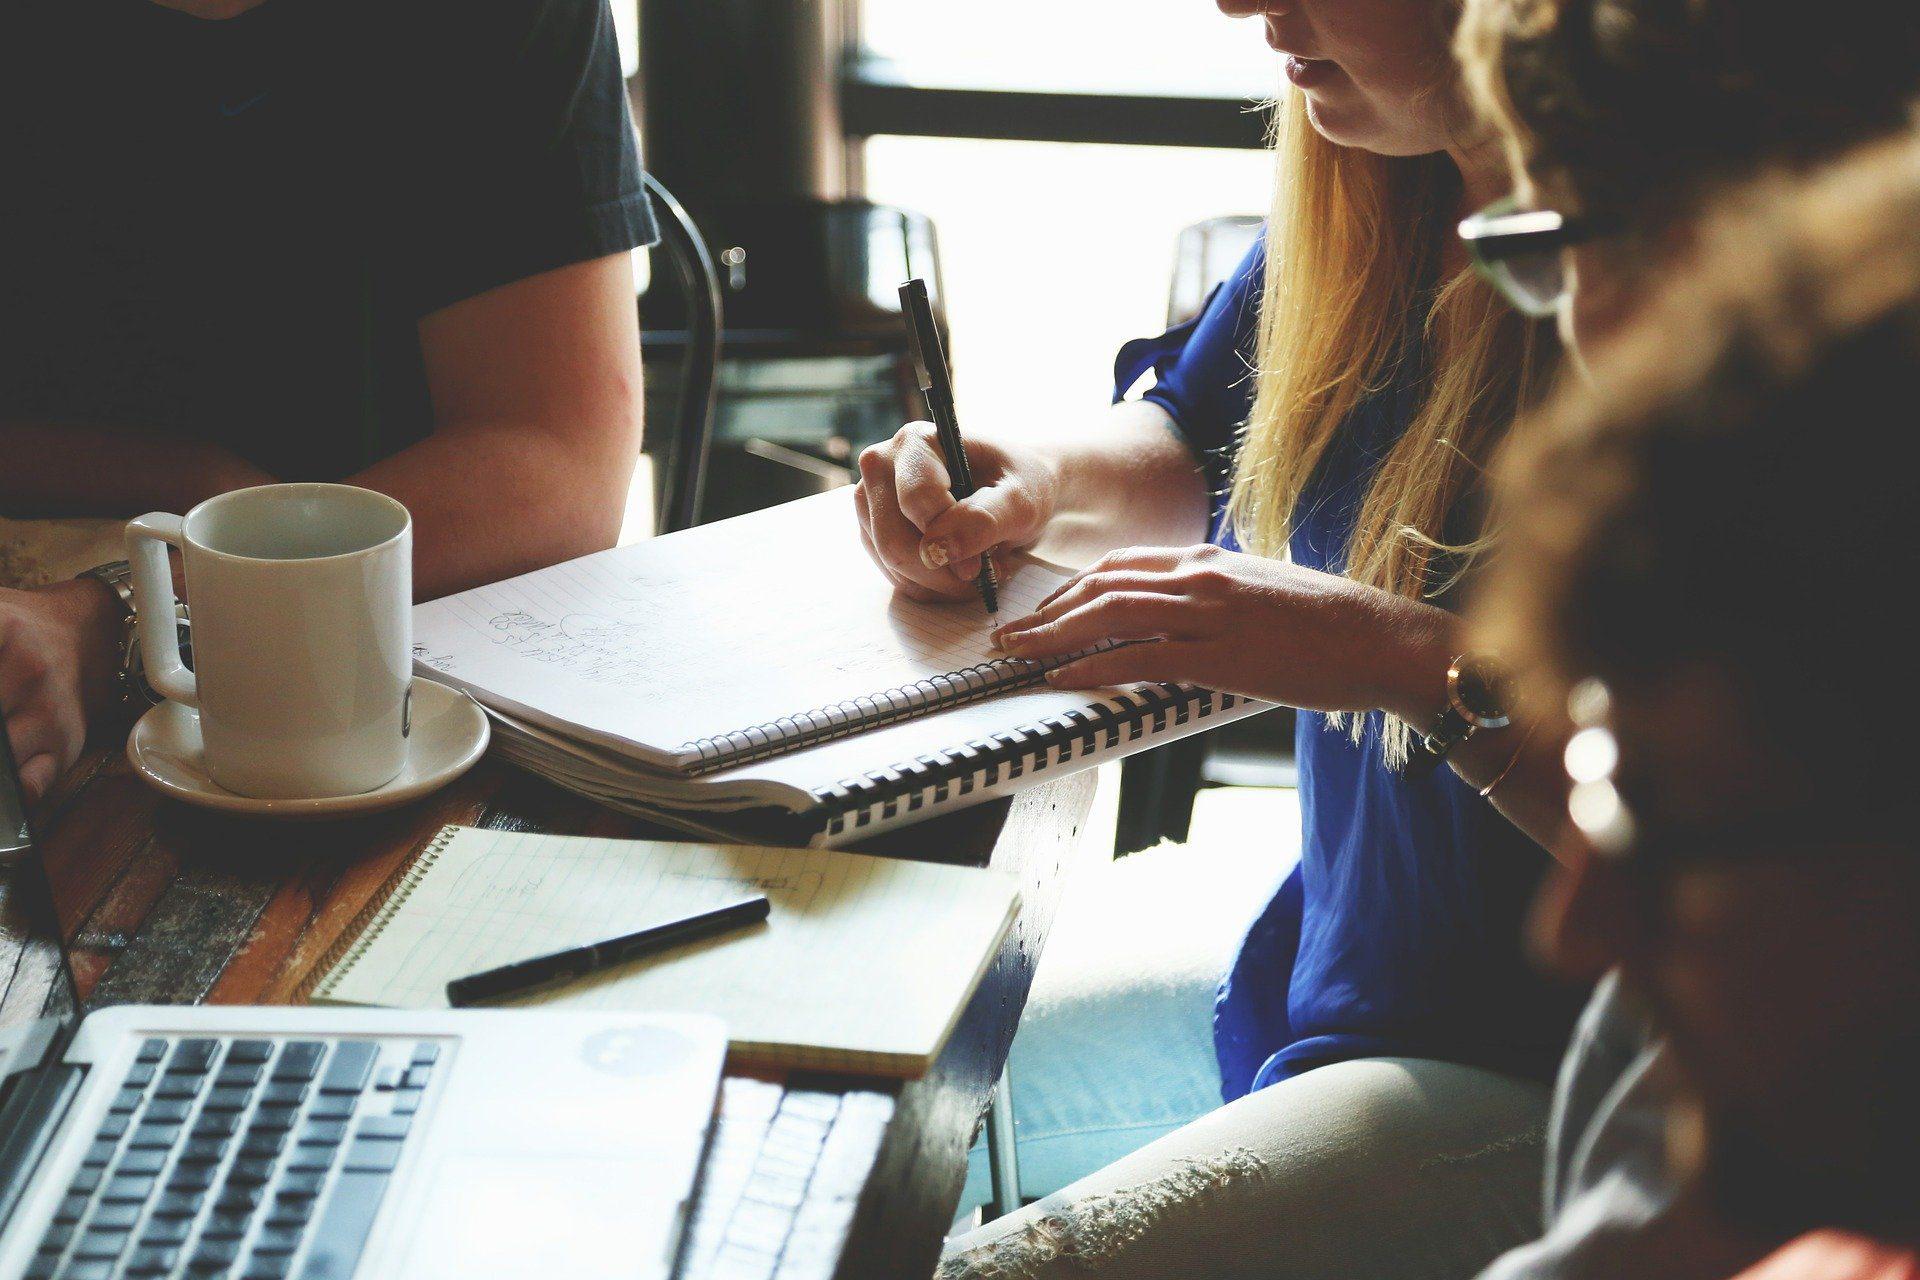 Cum studiul în străinătate sau la universități de top i-a dezvoltat pe oamenii pe care îi ai ca role-models? Descoperă poveștile lor aici!